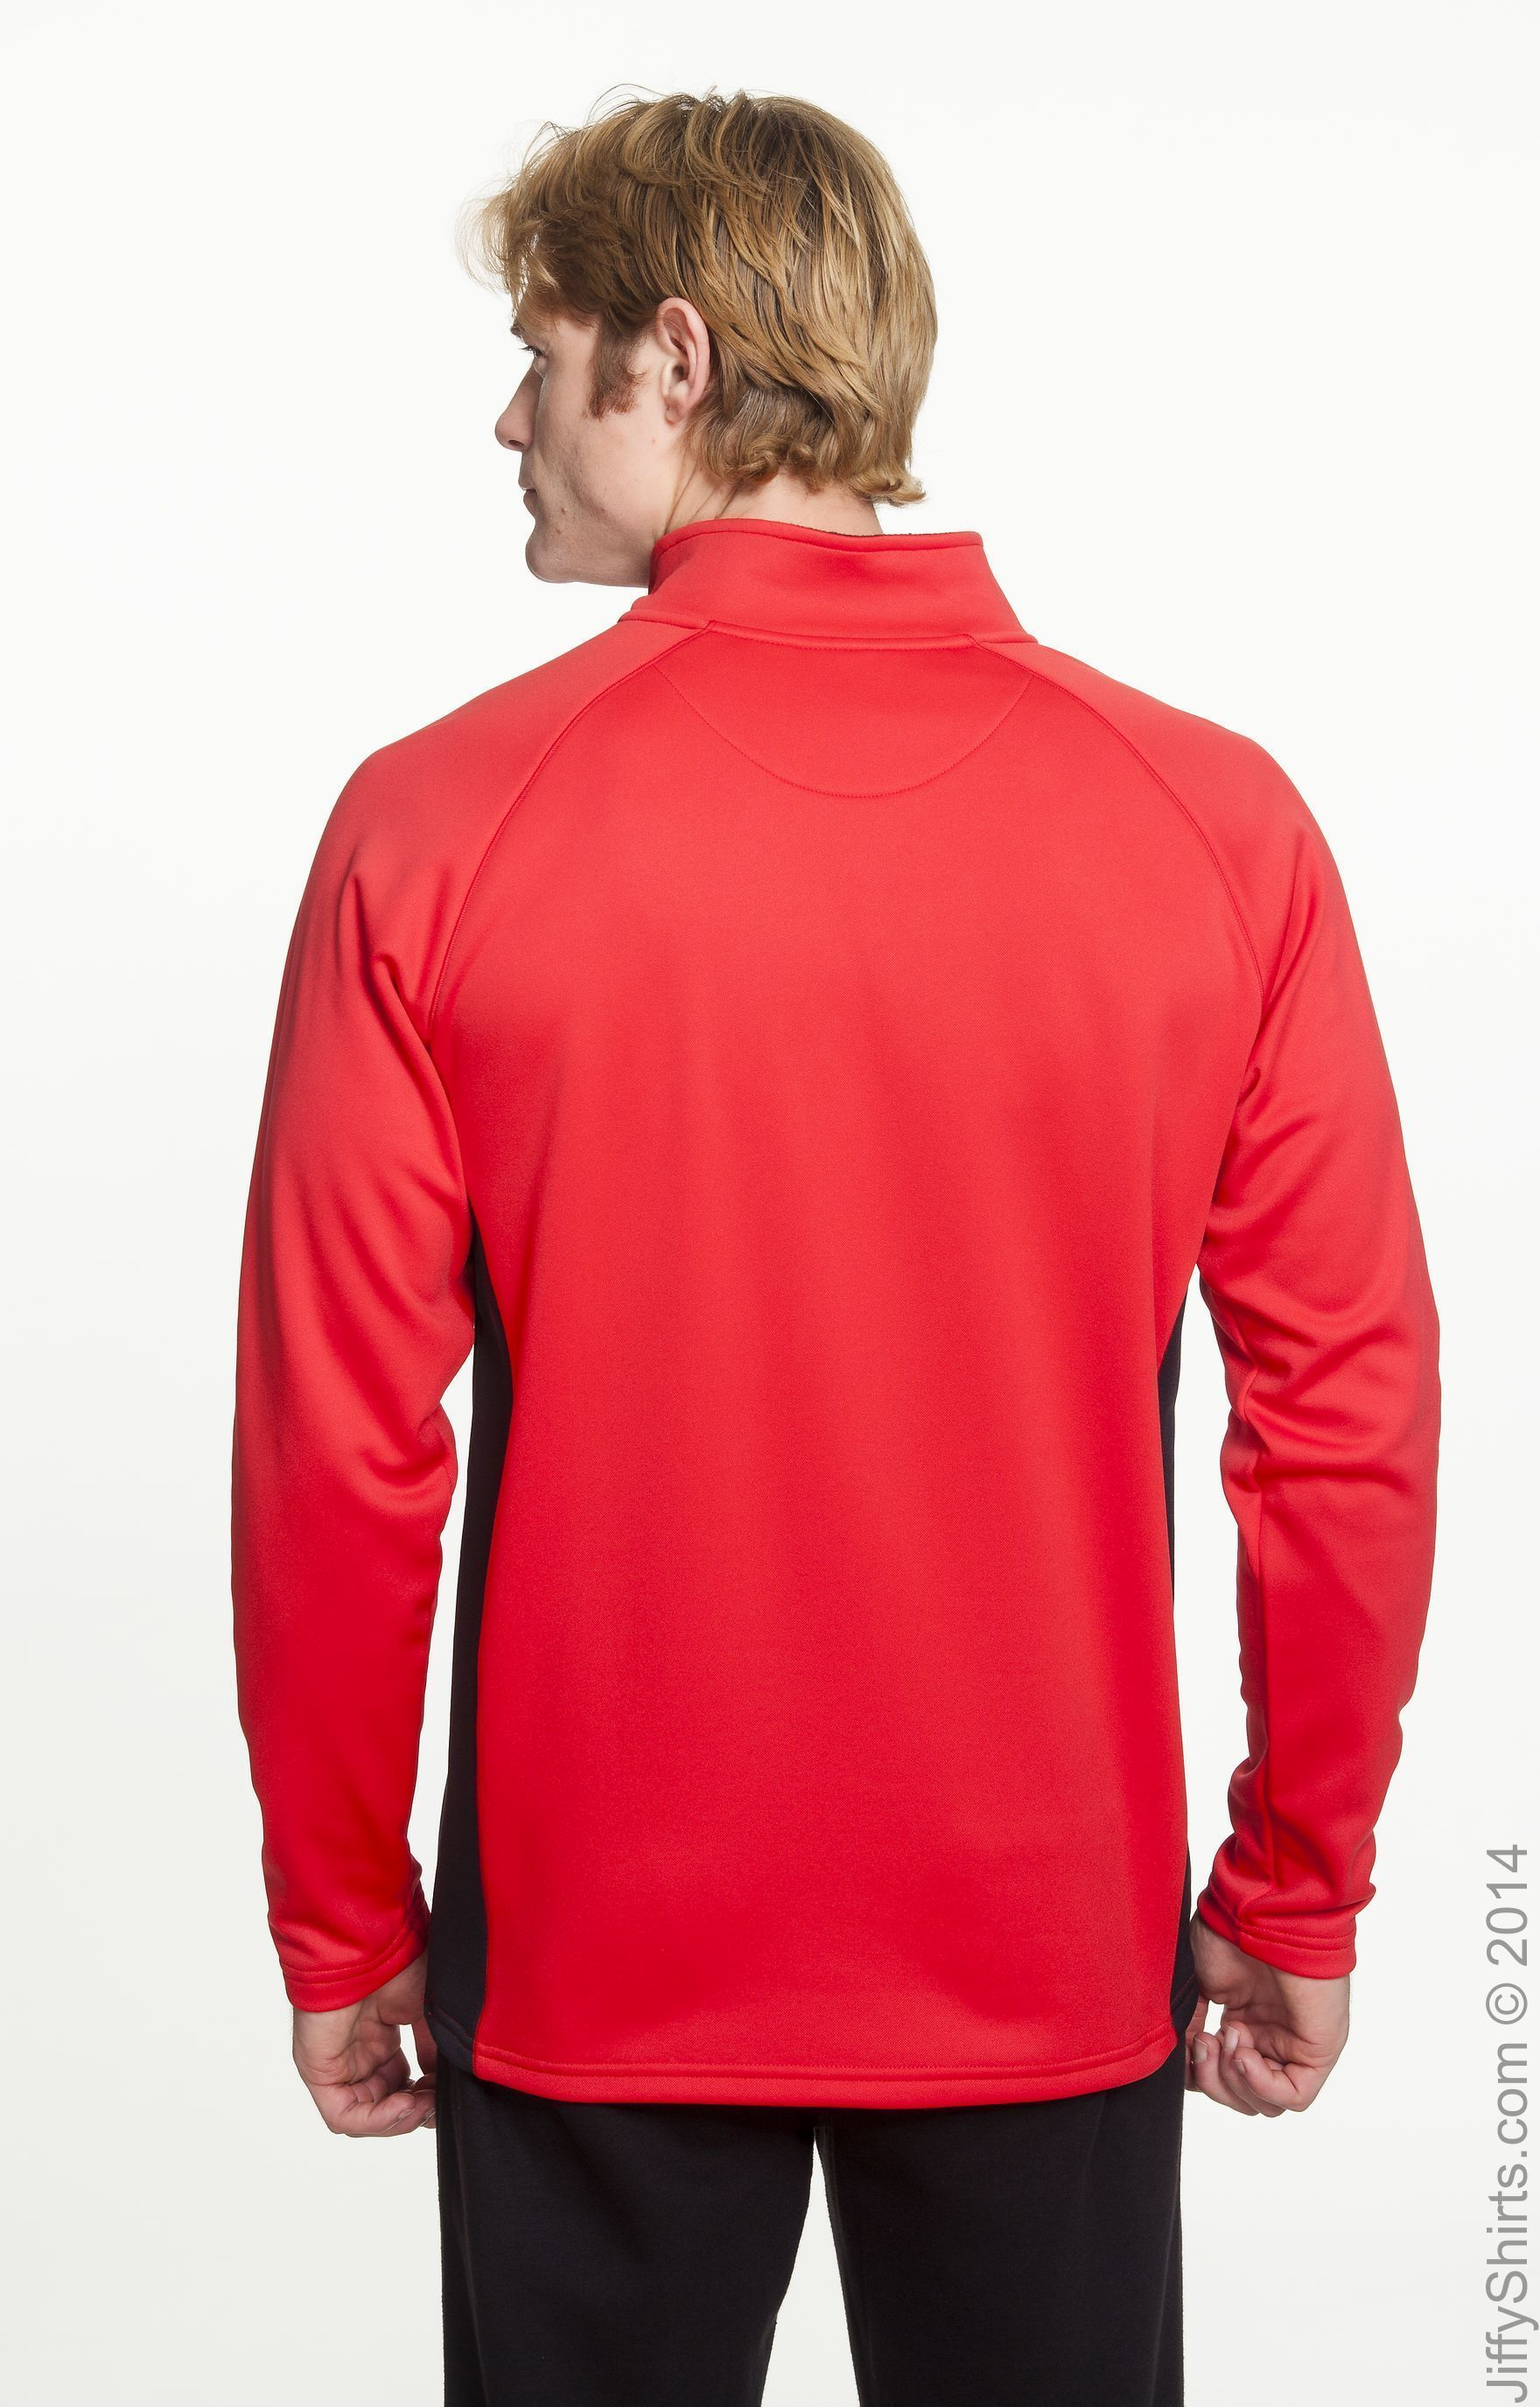 Men's red Adidas Ajax soccer micro fleece sweatshirt size